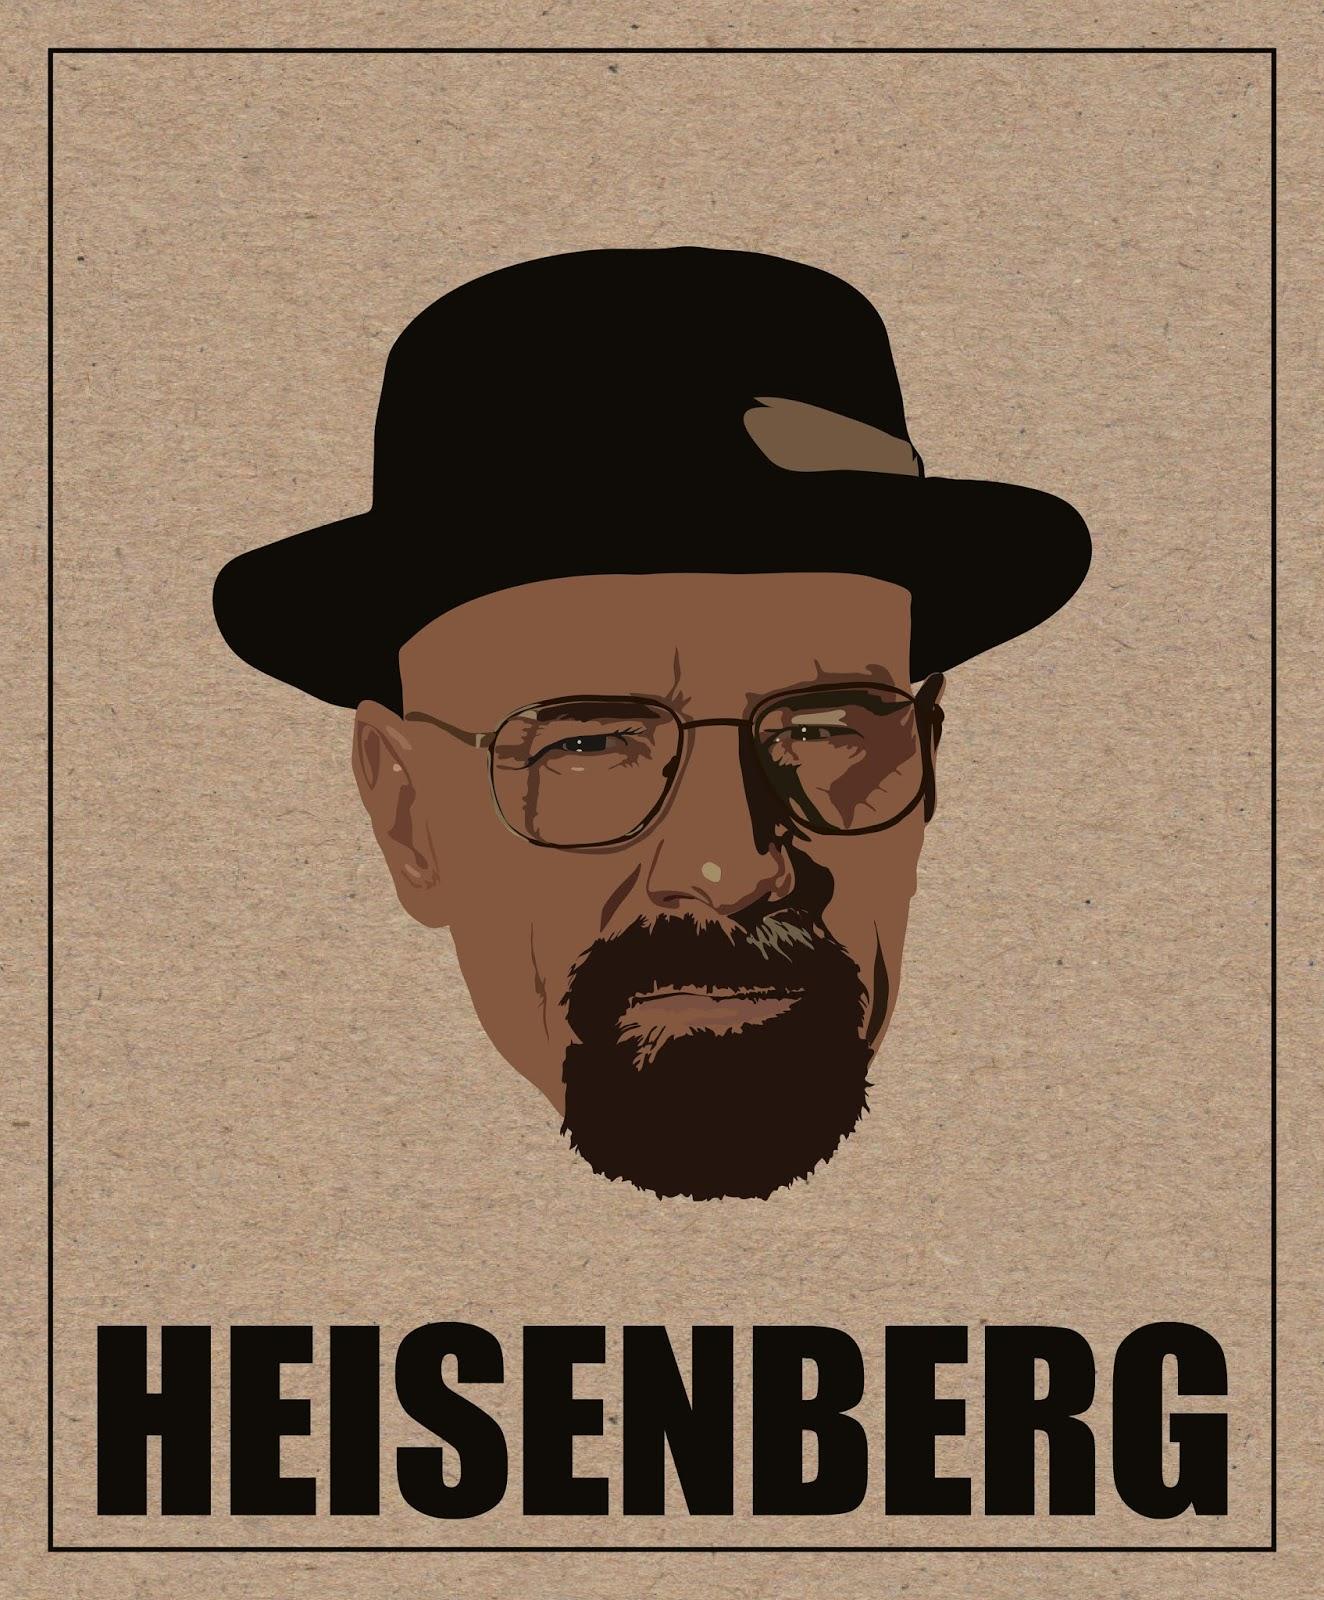 heisenberg, walter-white-breaking-bad, walter-white-heisenberg, heisenberg-breaking-bad, heisenberg-hat, heisenberg-poster